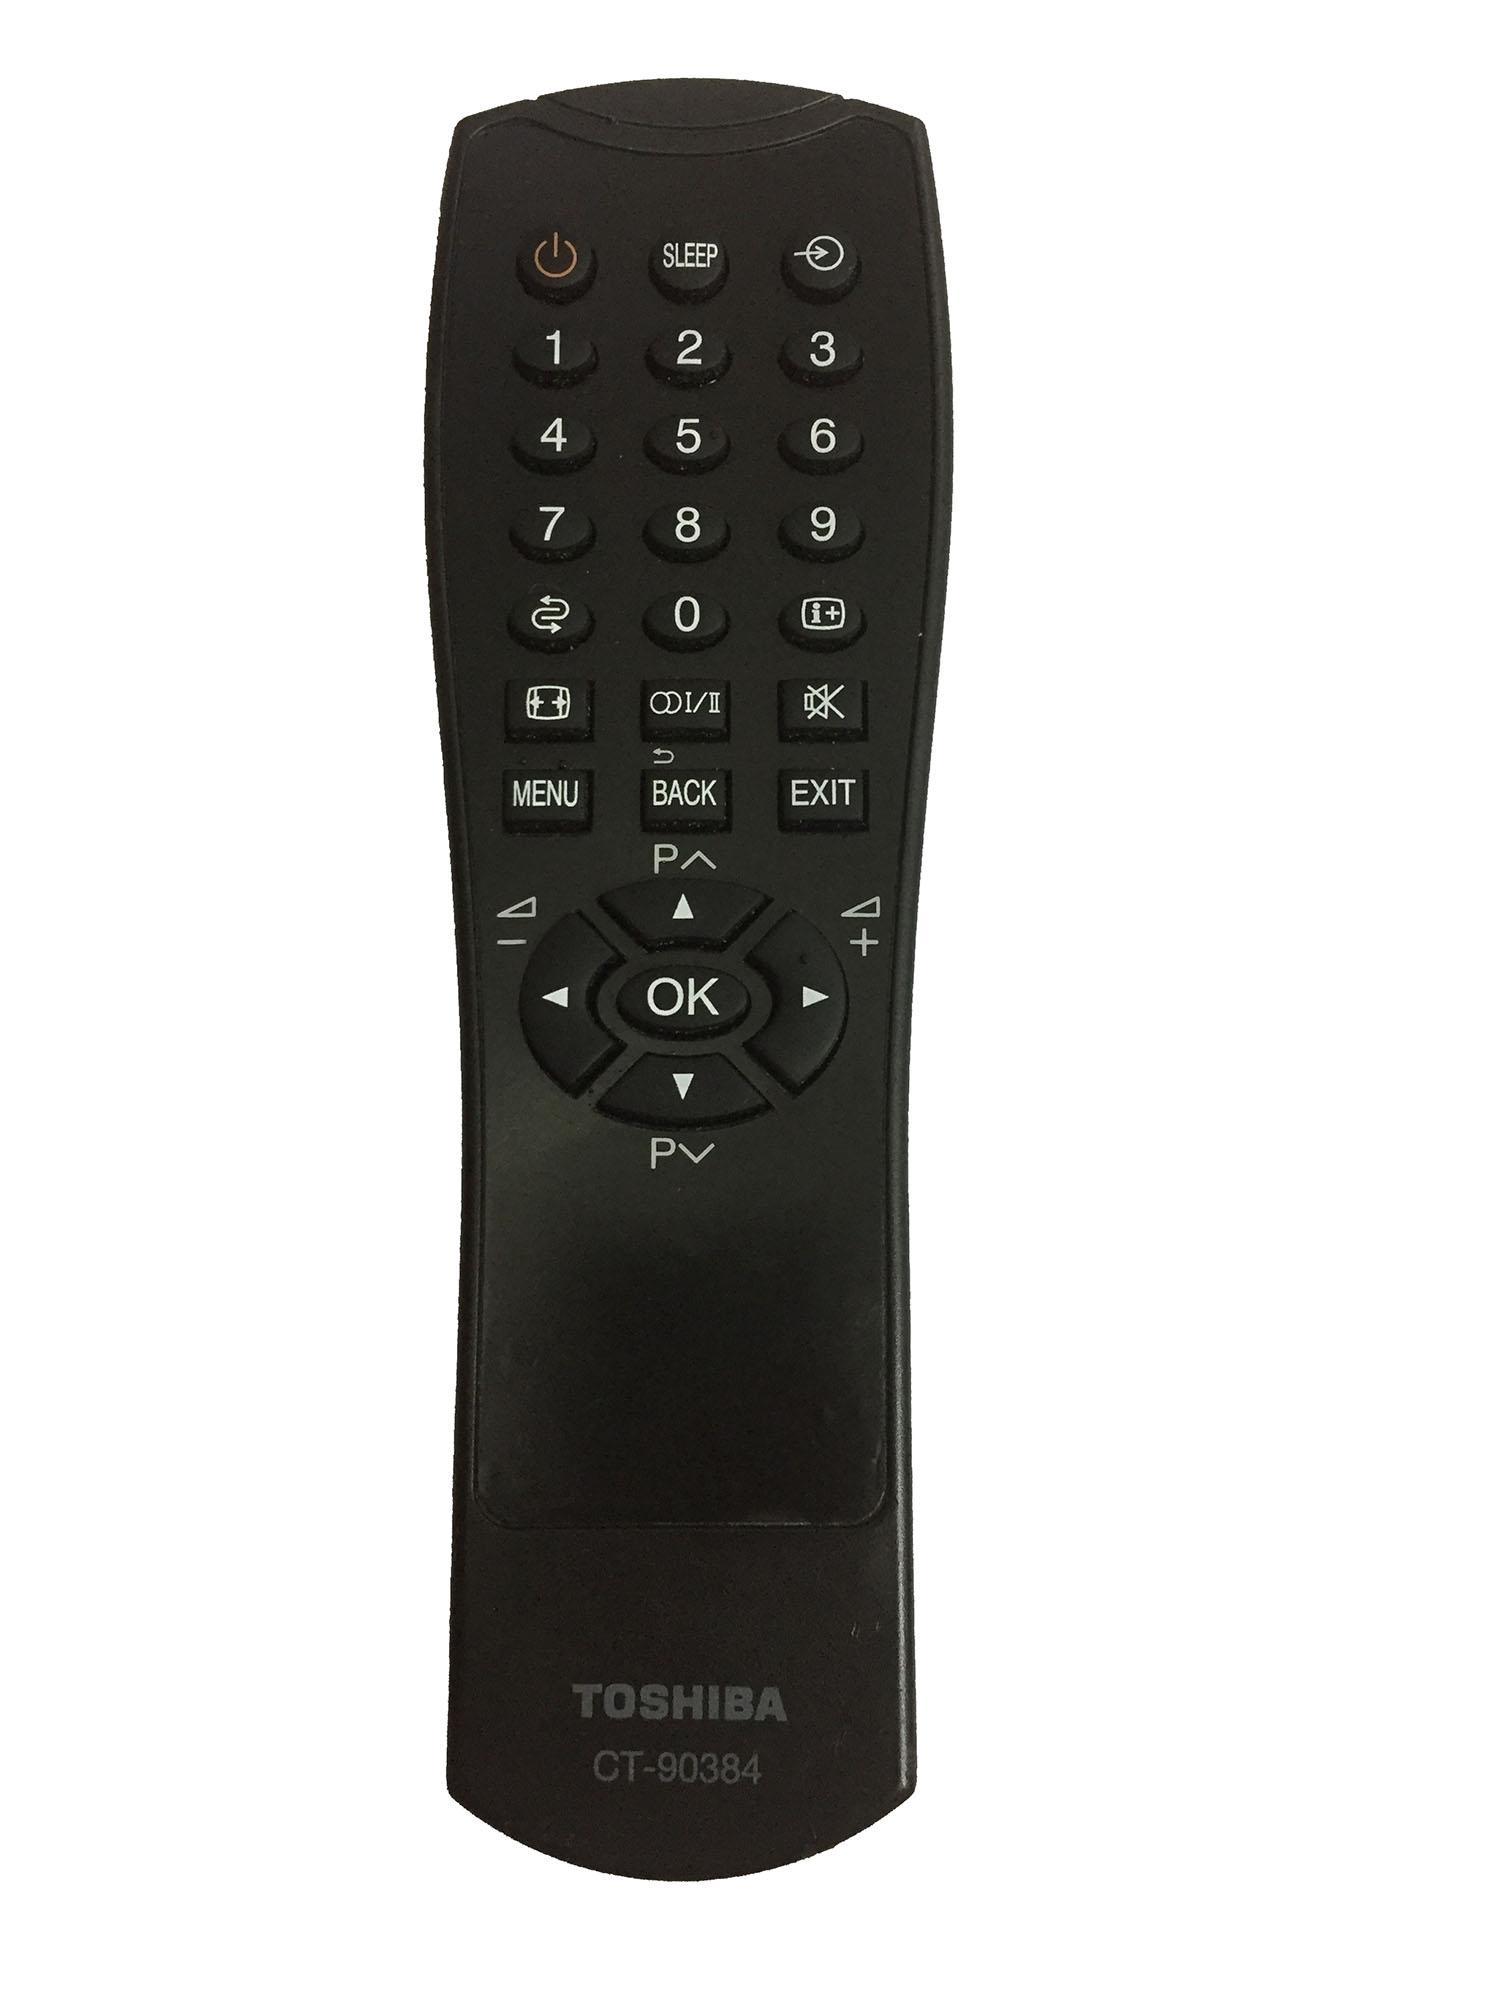 Bảng giá Điều khiển tivi TOSHIBA LCD CT-90384 xịn (đen)